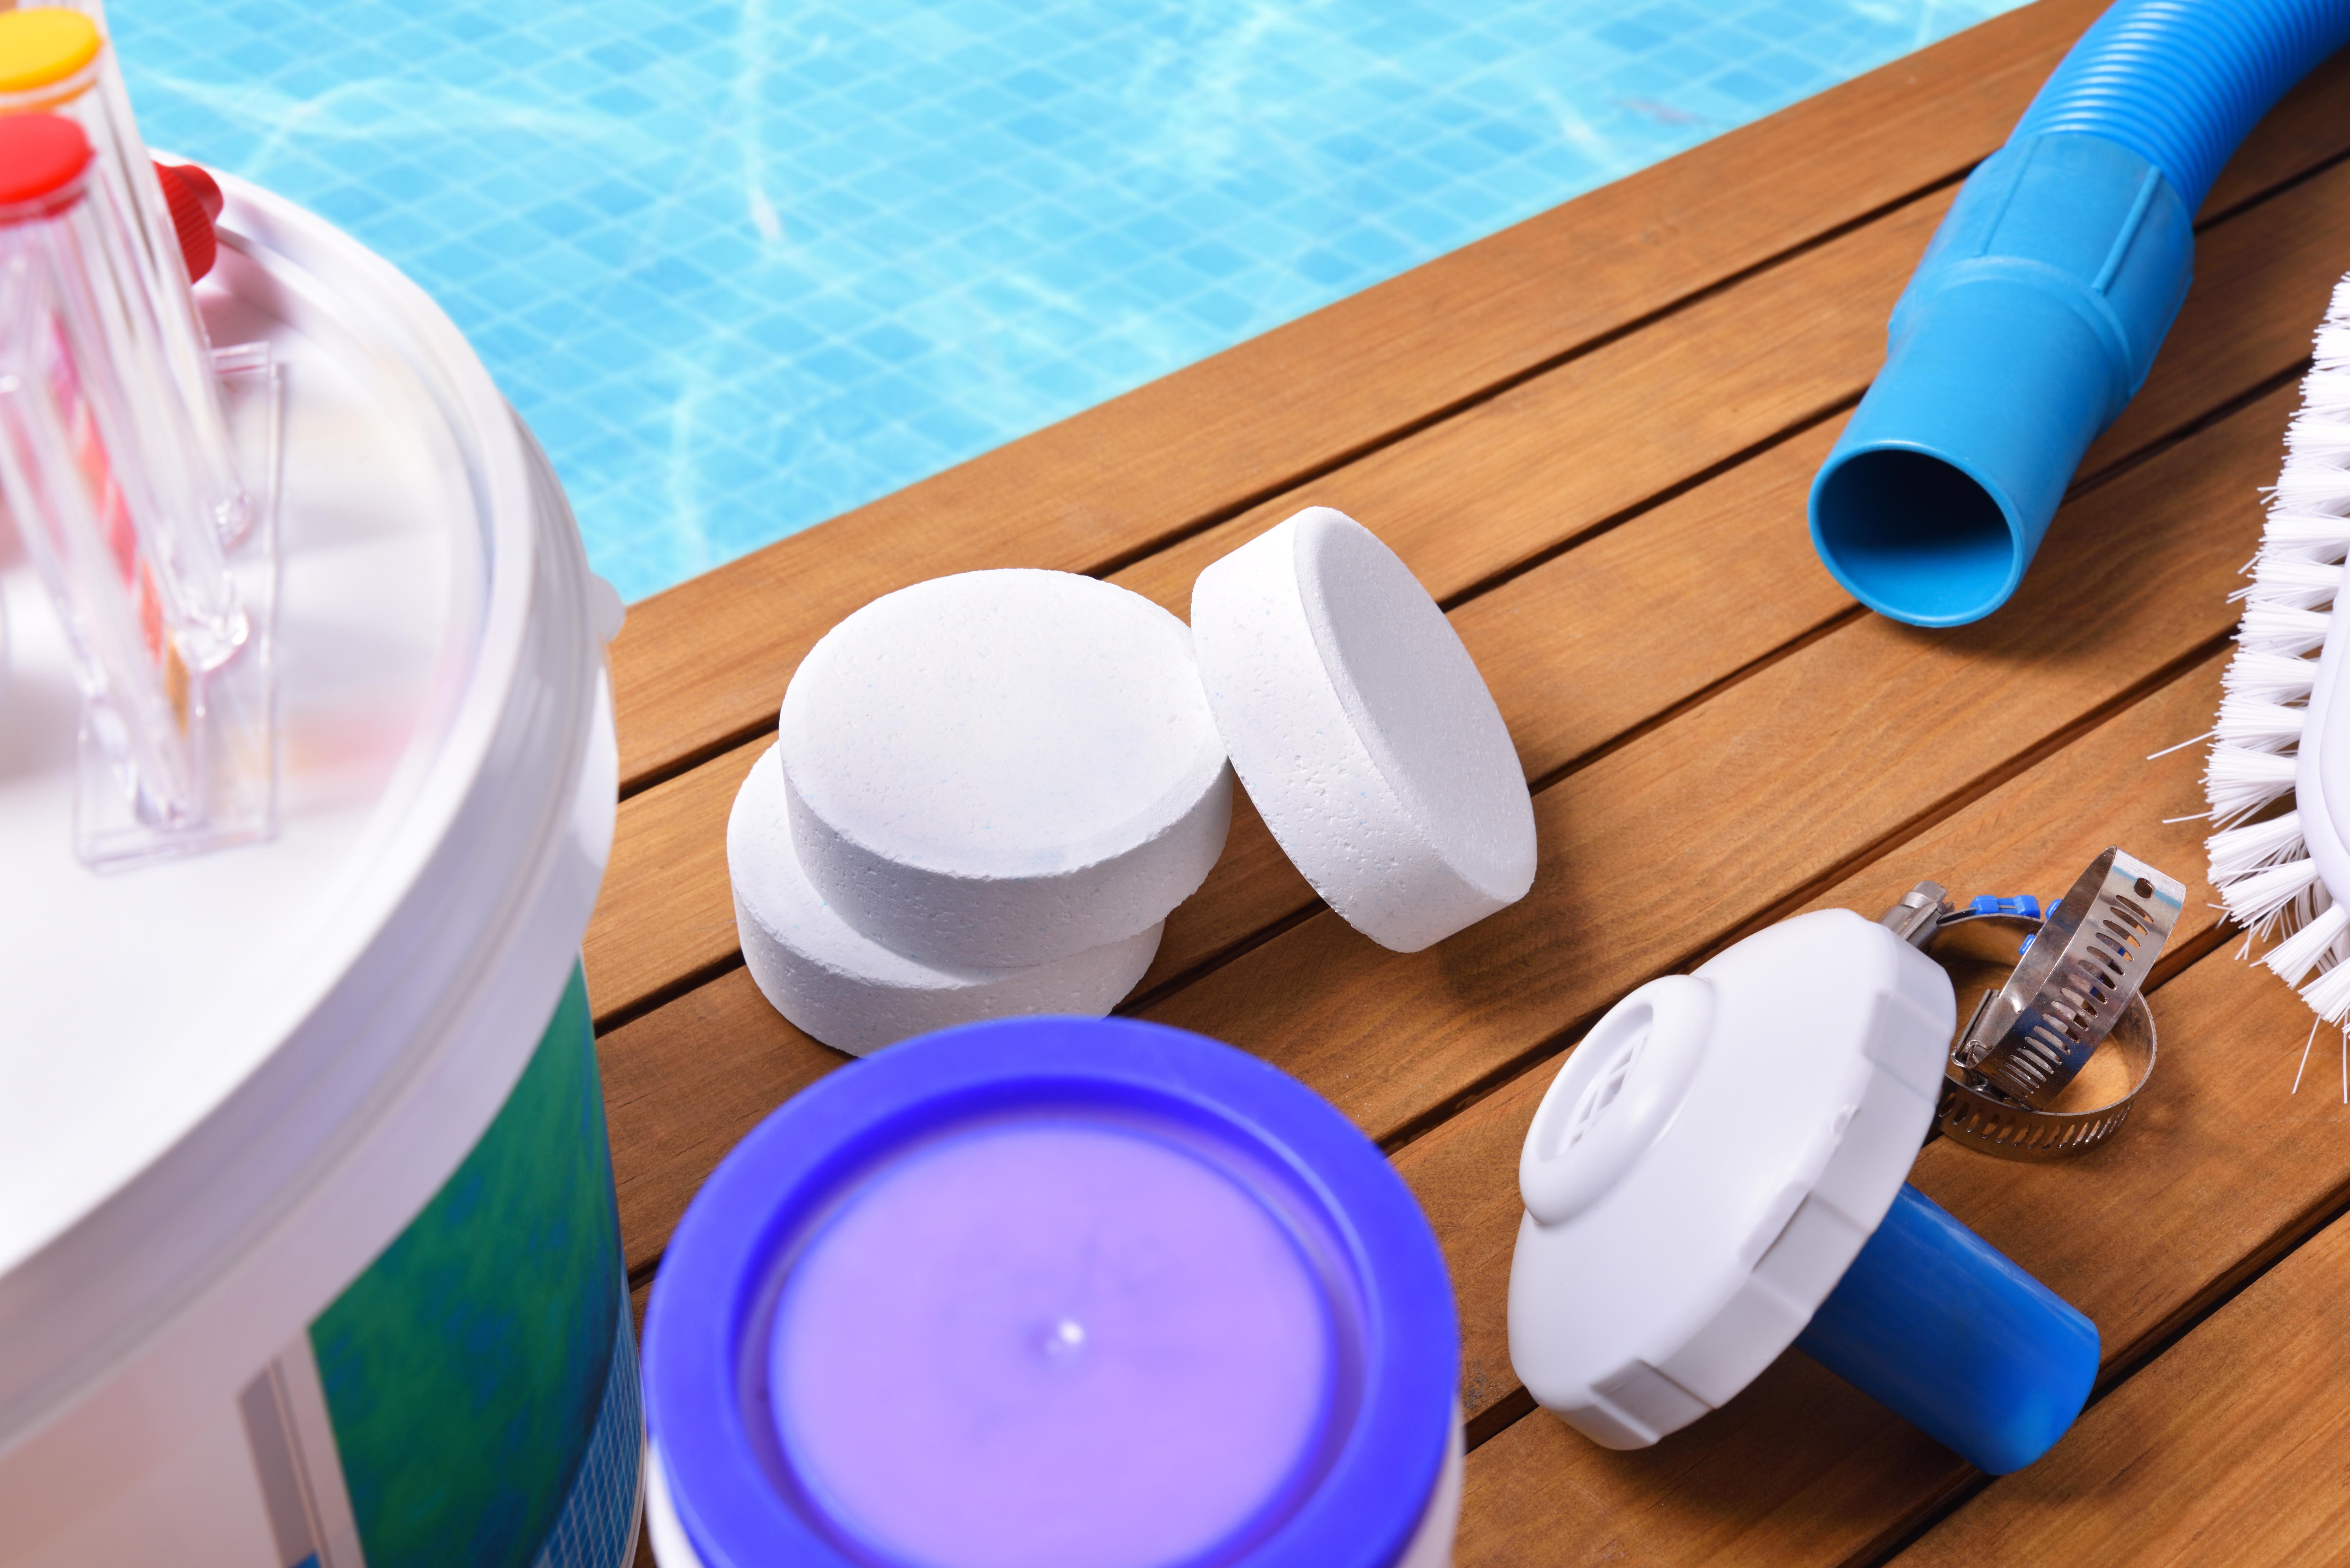 Materiel Piscine La Ciotat equipement pour entretenir sa piscine l'hiver et protéger l'eau